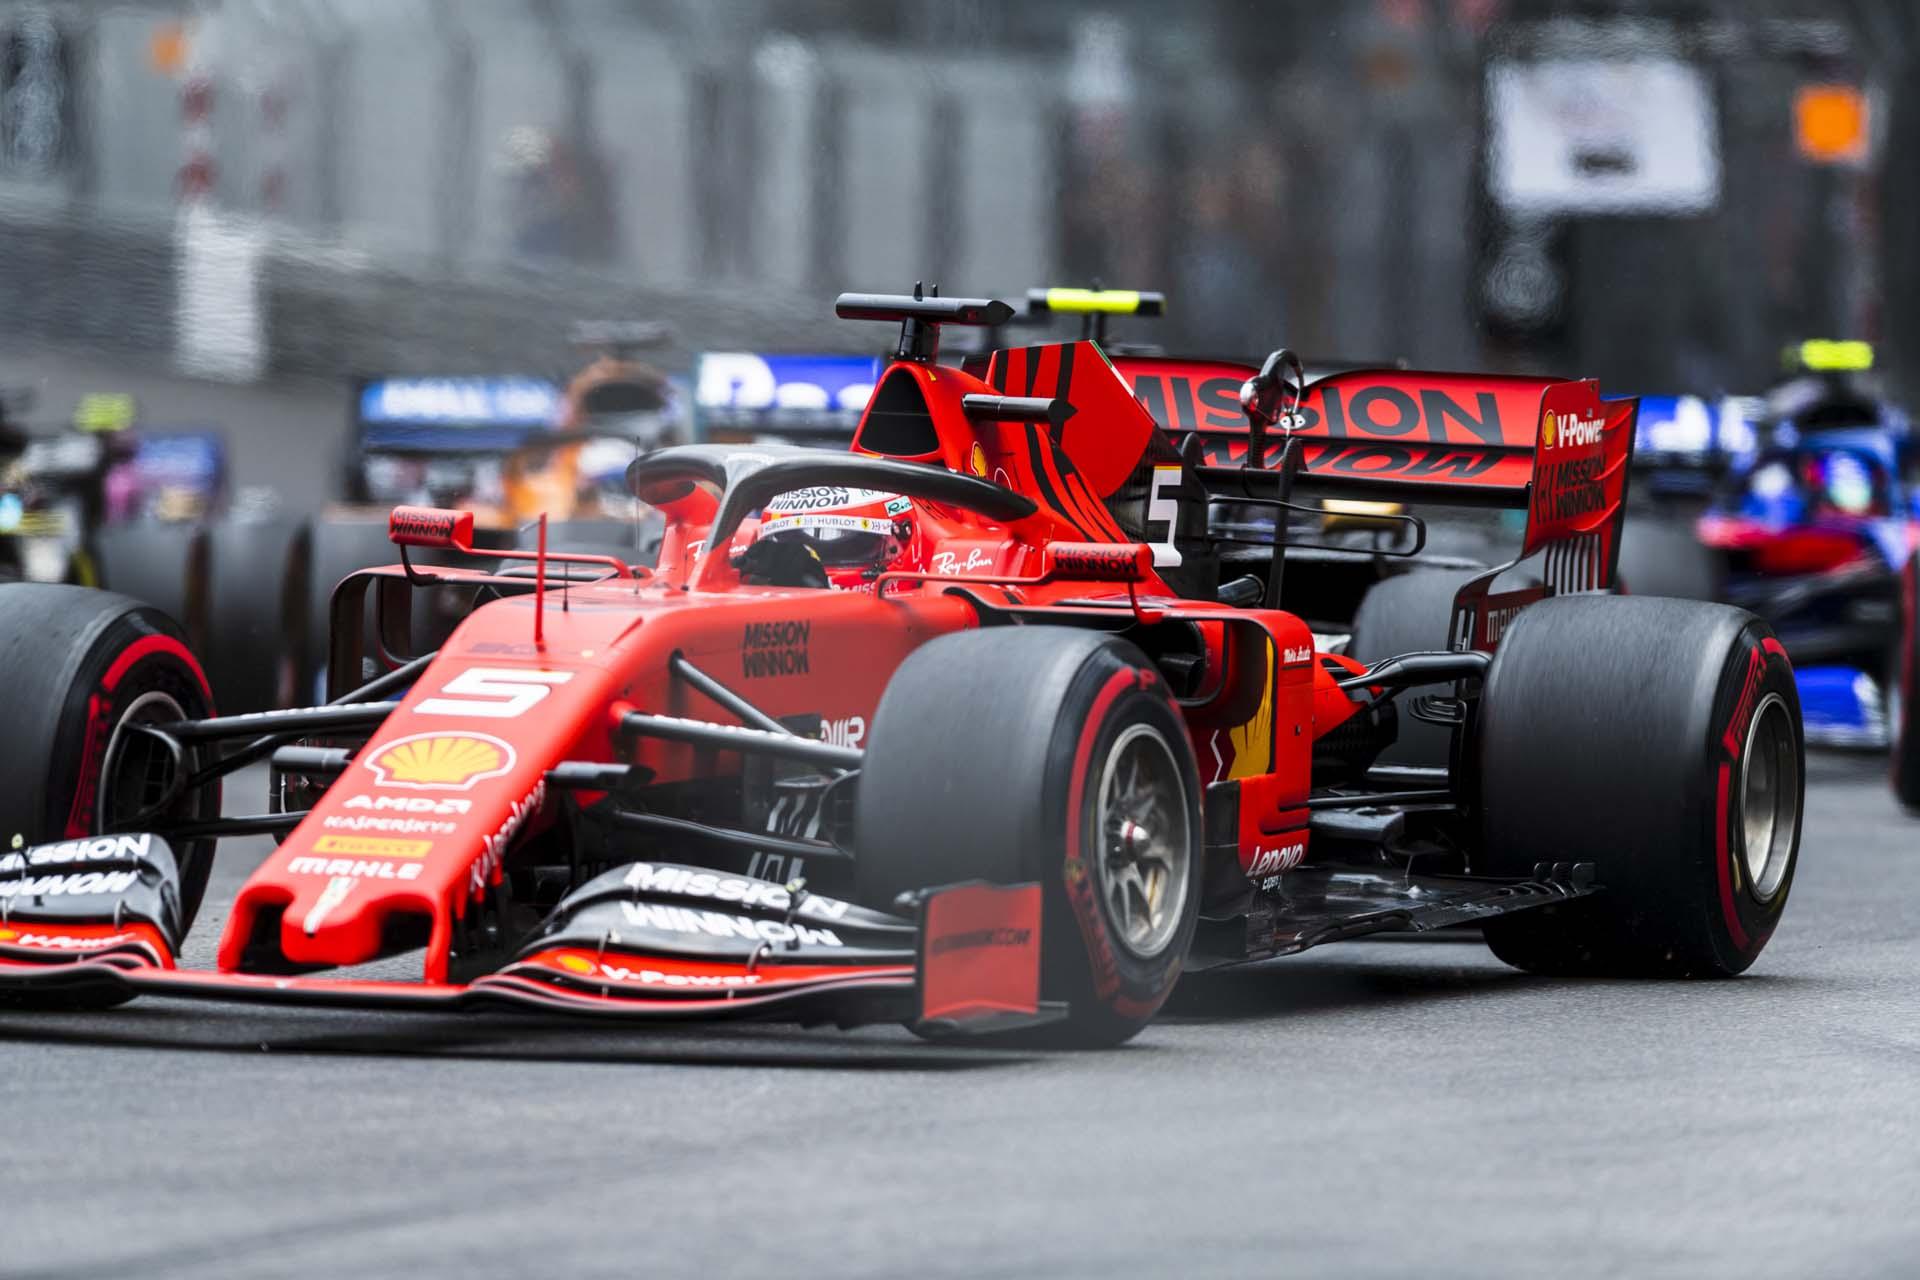 MonacoGP2019_SUN_Ferrari_190044_monaco